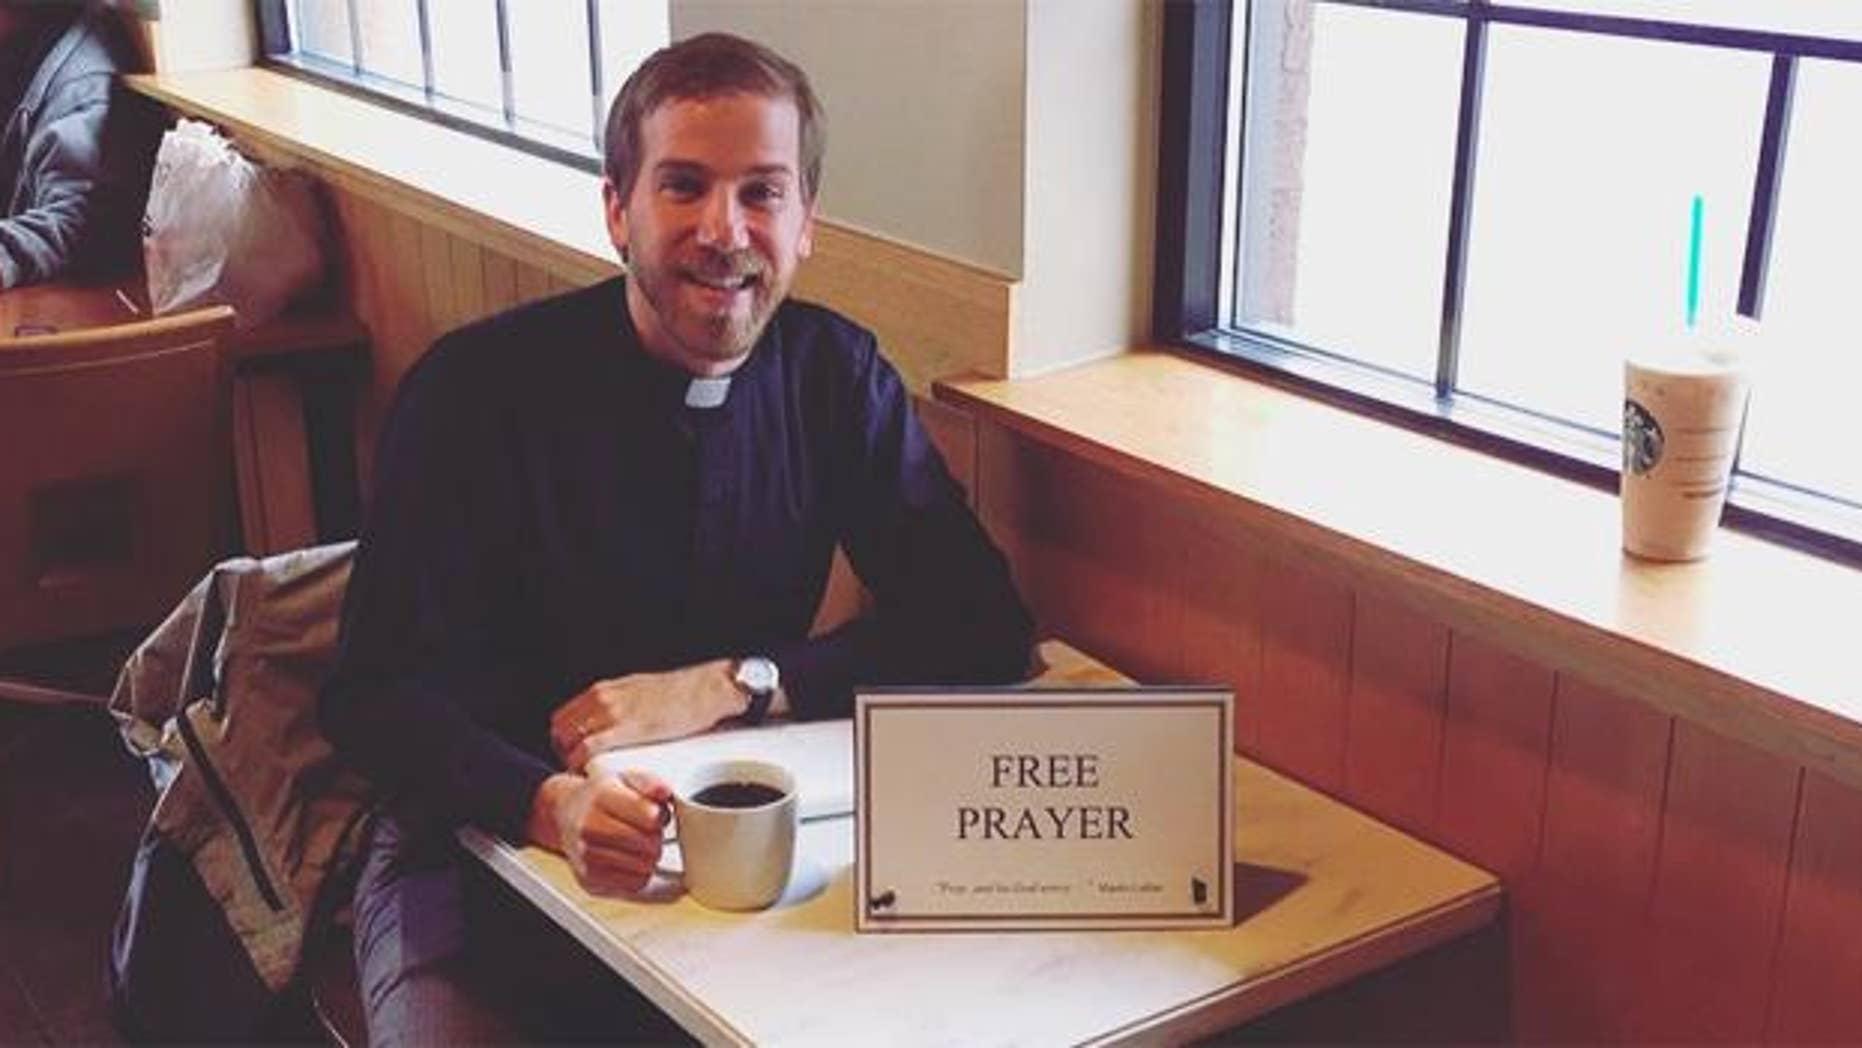 Pastor Thomas Rusert (Courtesy Thomas Rusert)